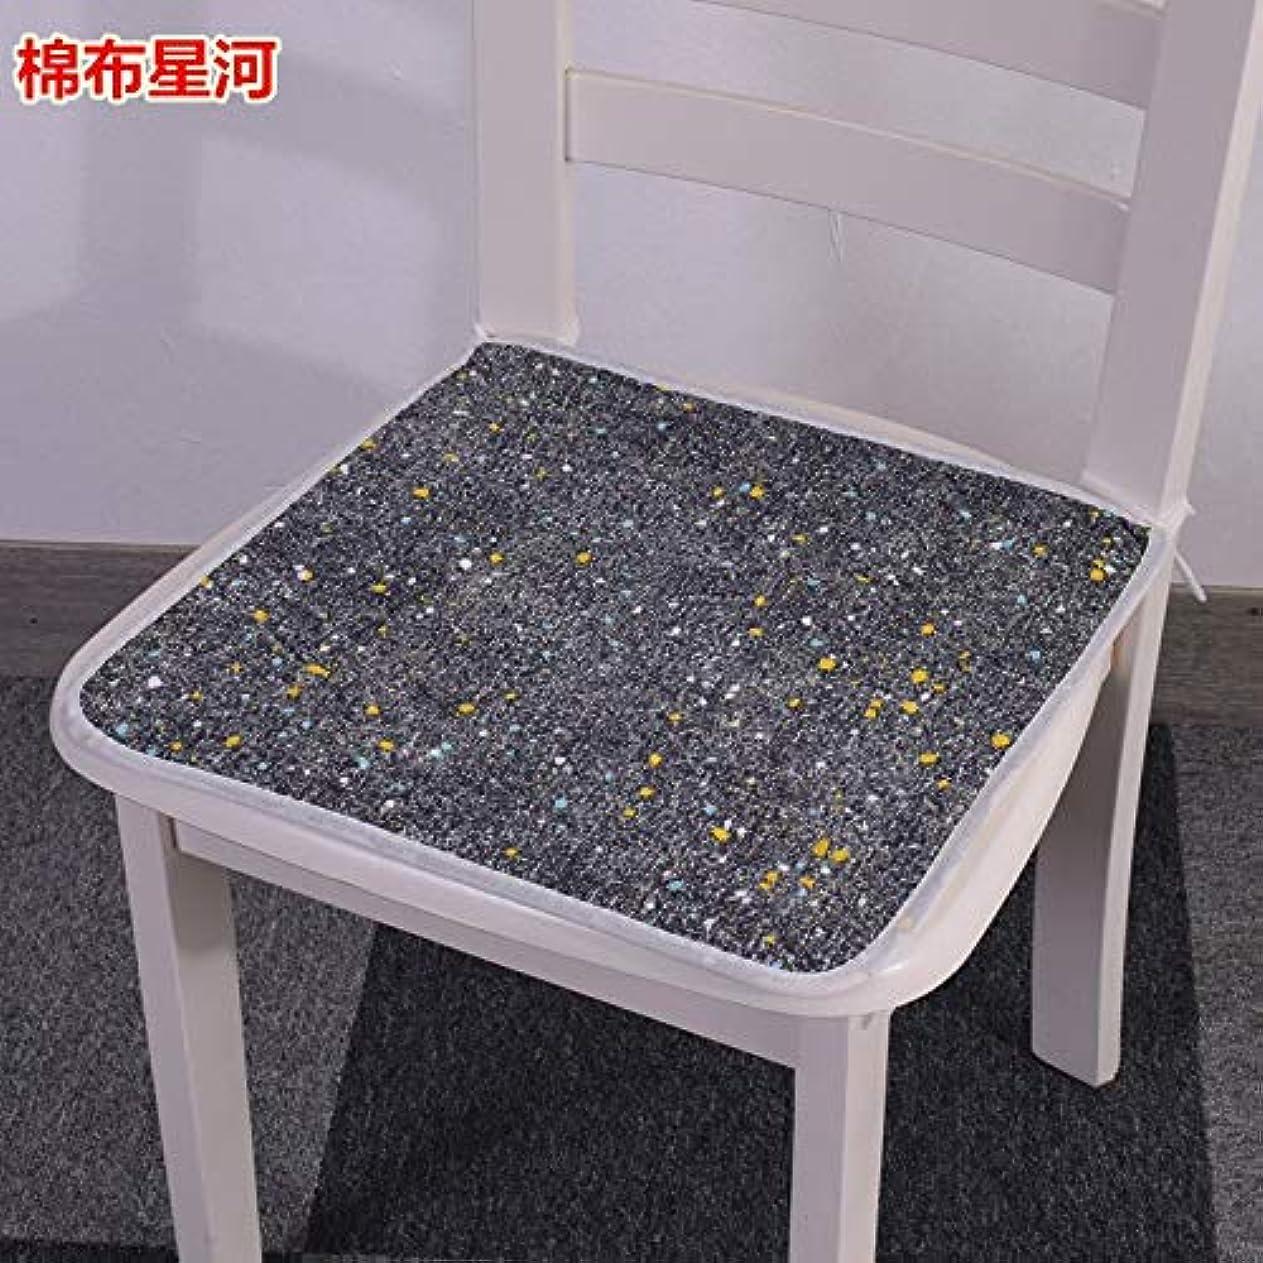 肌偽造付与LIFE 現代スーパーソフト椅子クッション非スリップシートクッションマットソファホームデコレーションバッククッションチェアパッド 40*40/45*45/50*50 センチメートル クッション 椅子